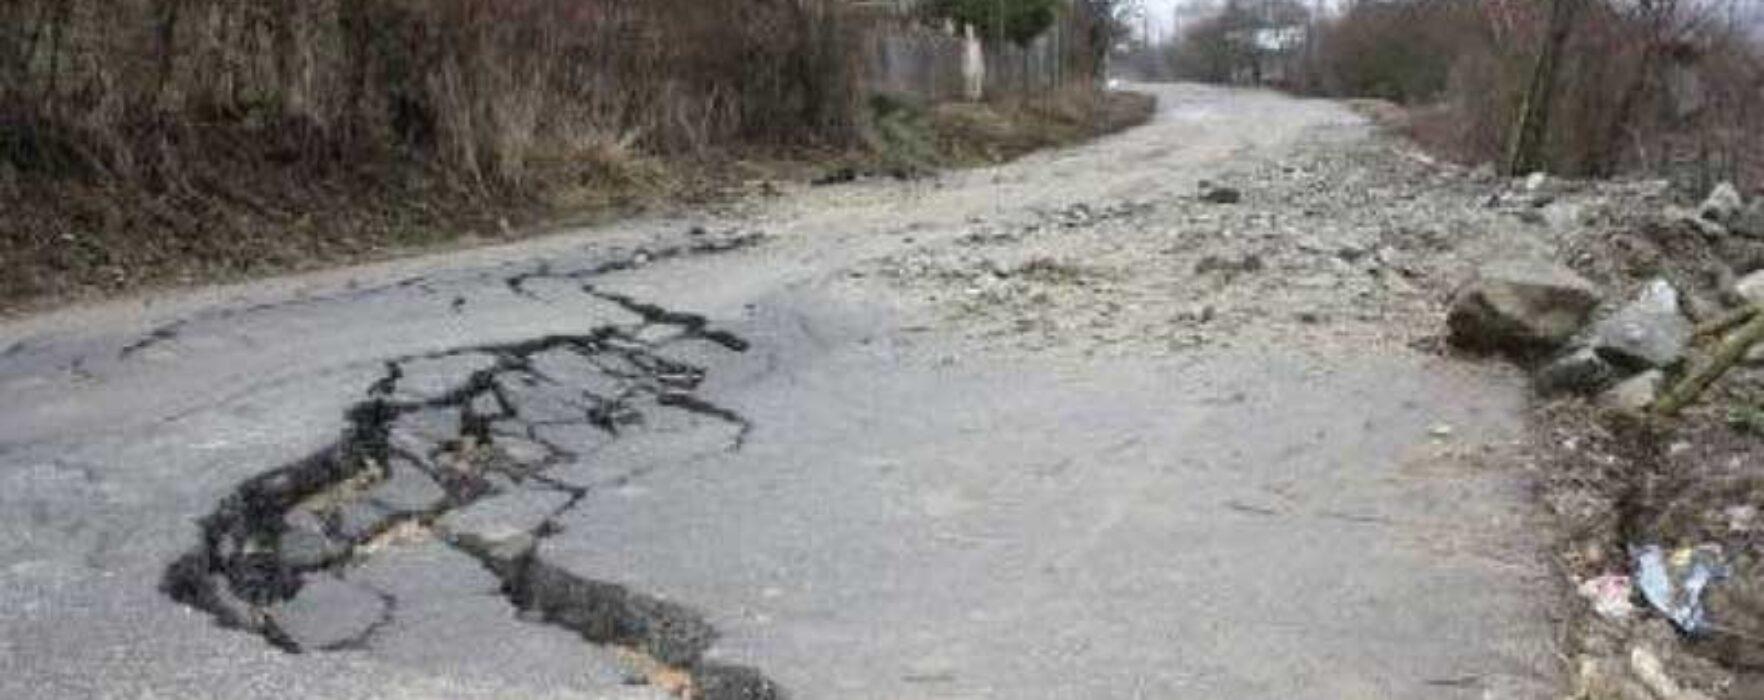 Dâmboviţa: Mai multe drumuri judeţene şi comunale afectate de alunecări de teren, un sat riscă să rămână izolat